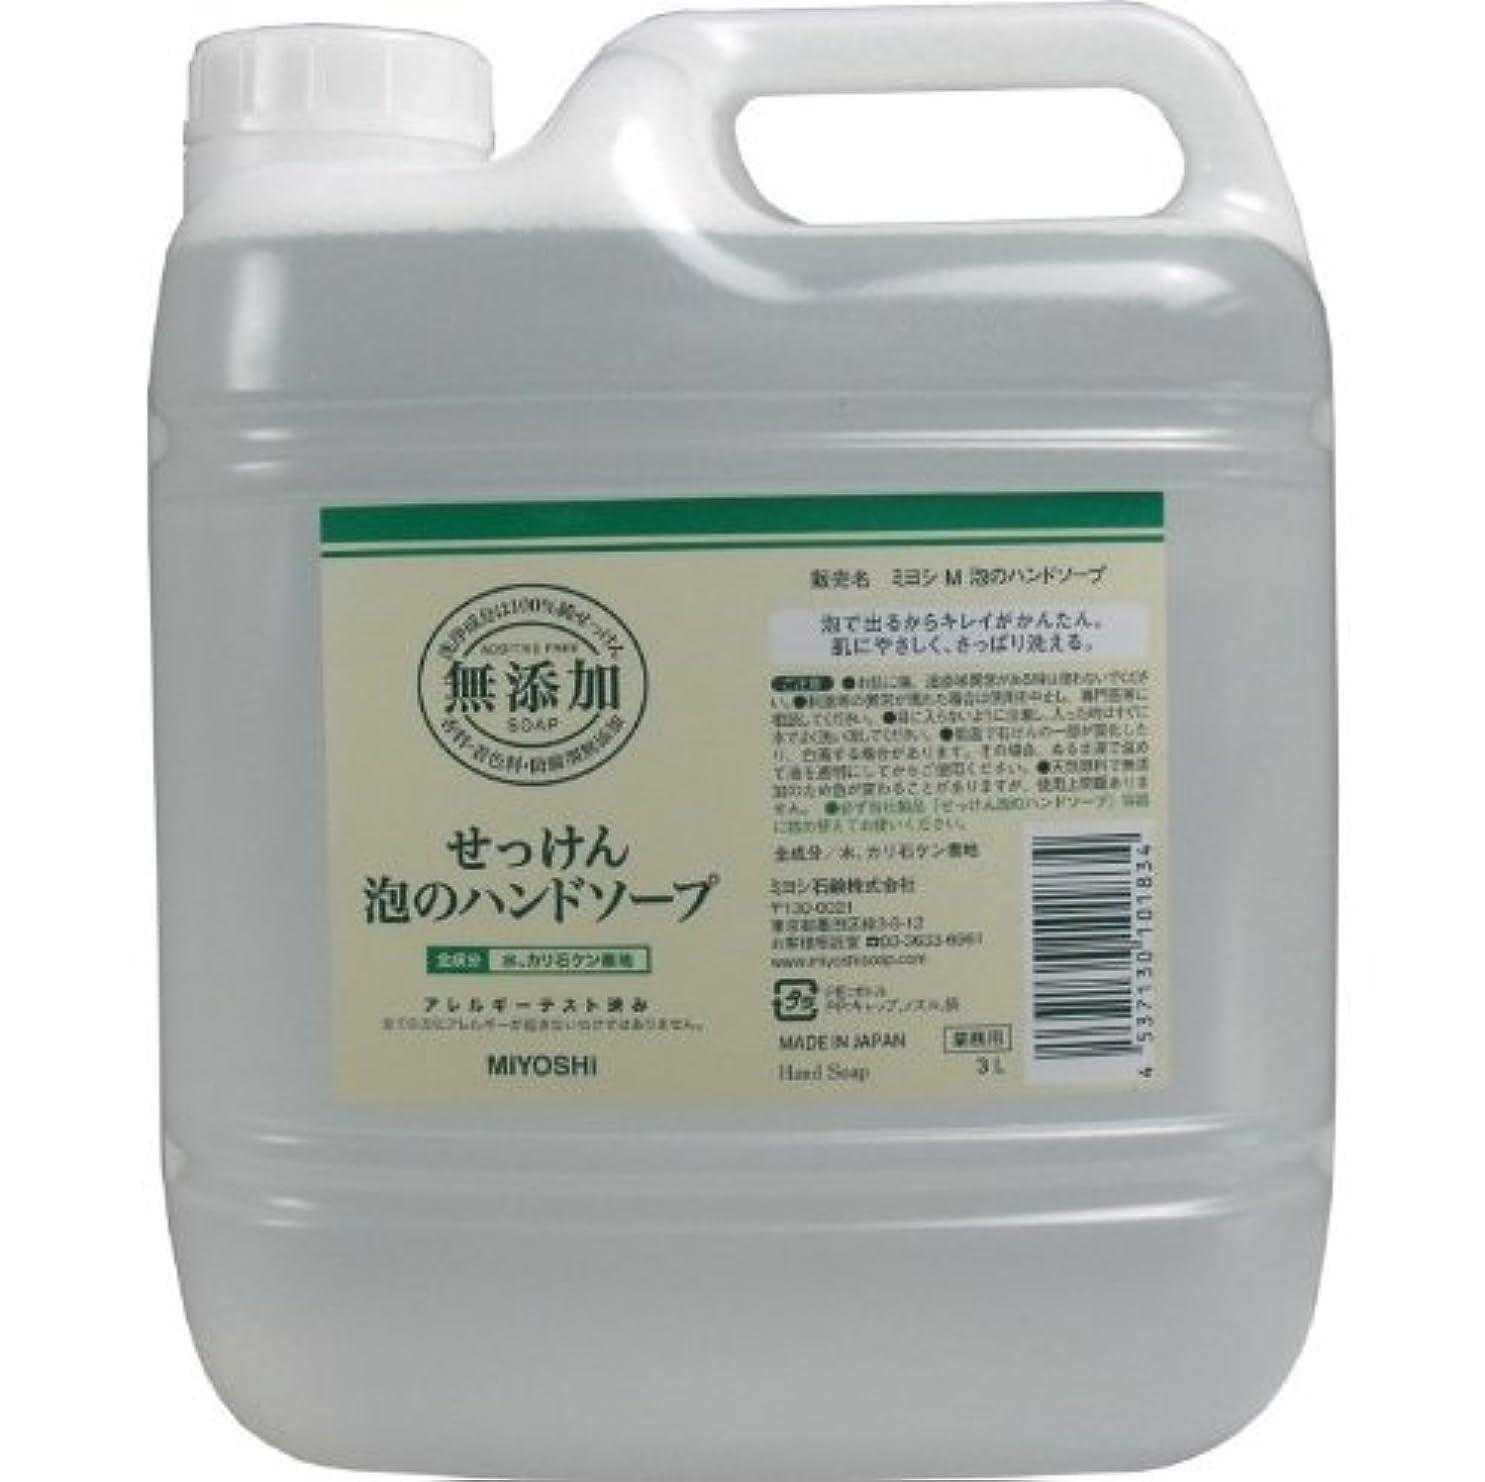 本当に技術的な中央値泡で出るからキレイが簡単!家事の間のサッと洗いも簡単!香料、着色料、防腐剤無添加!(業務用)3L【3個セット】